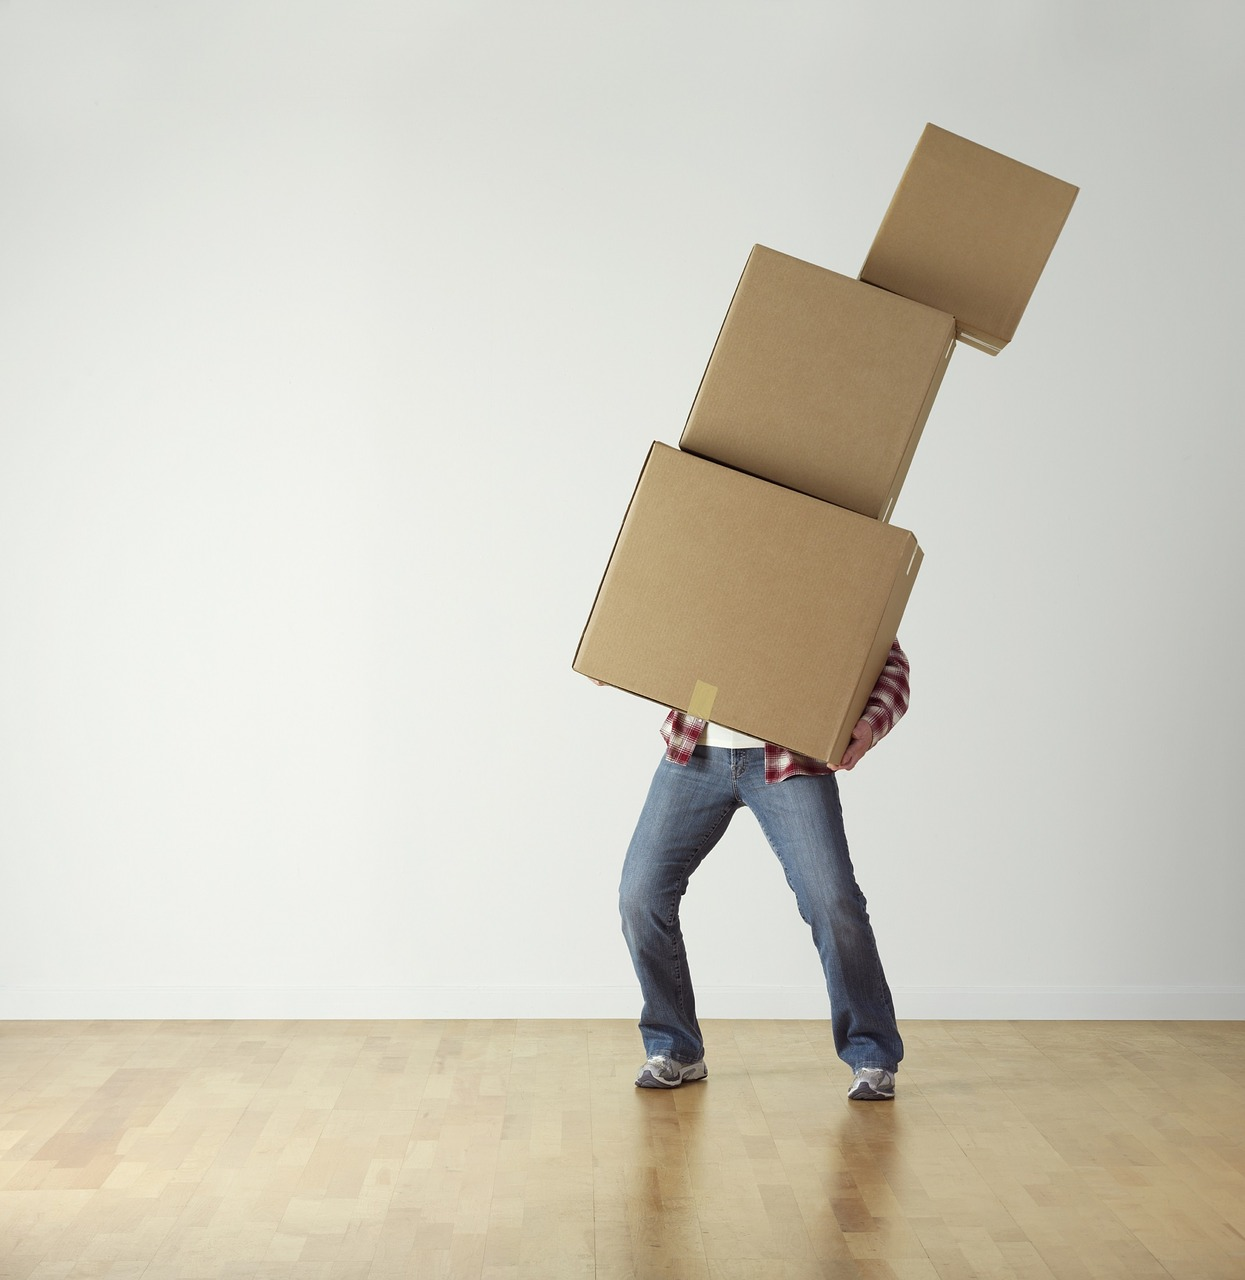 homme avec des cartons